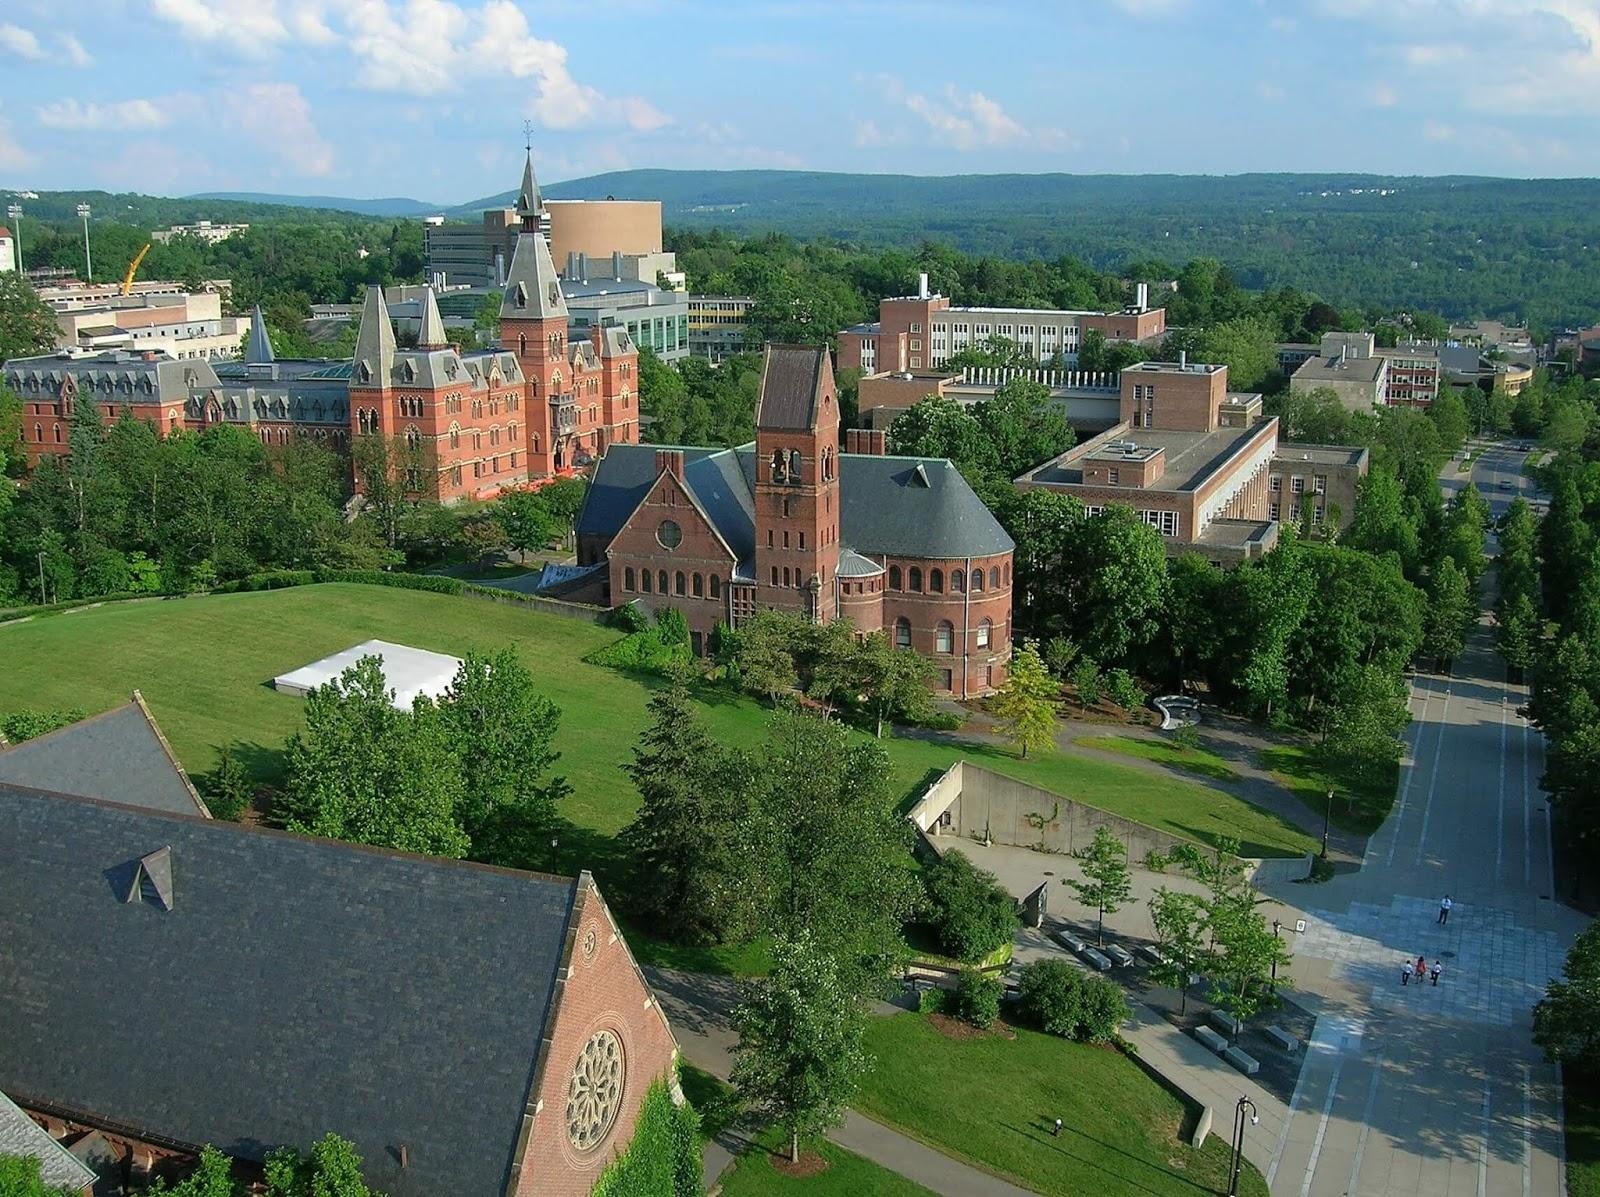 جامعة كورنيل: معلومات عنها وتاريخها ومكانها وتصنيفها وكلياتها